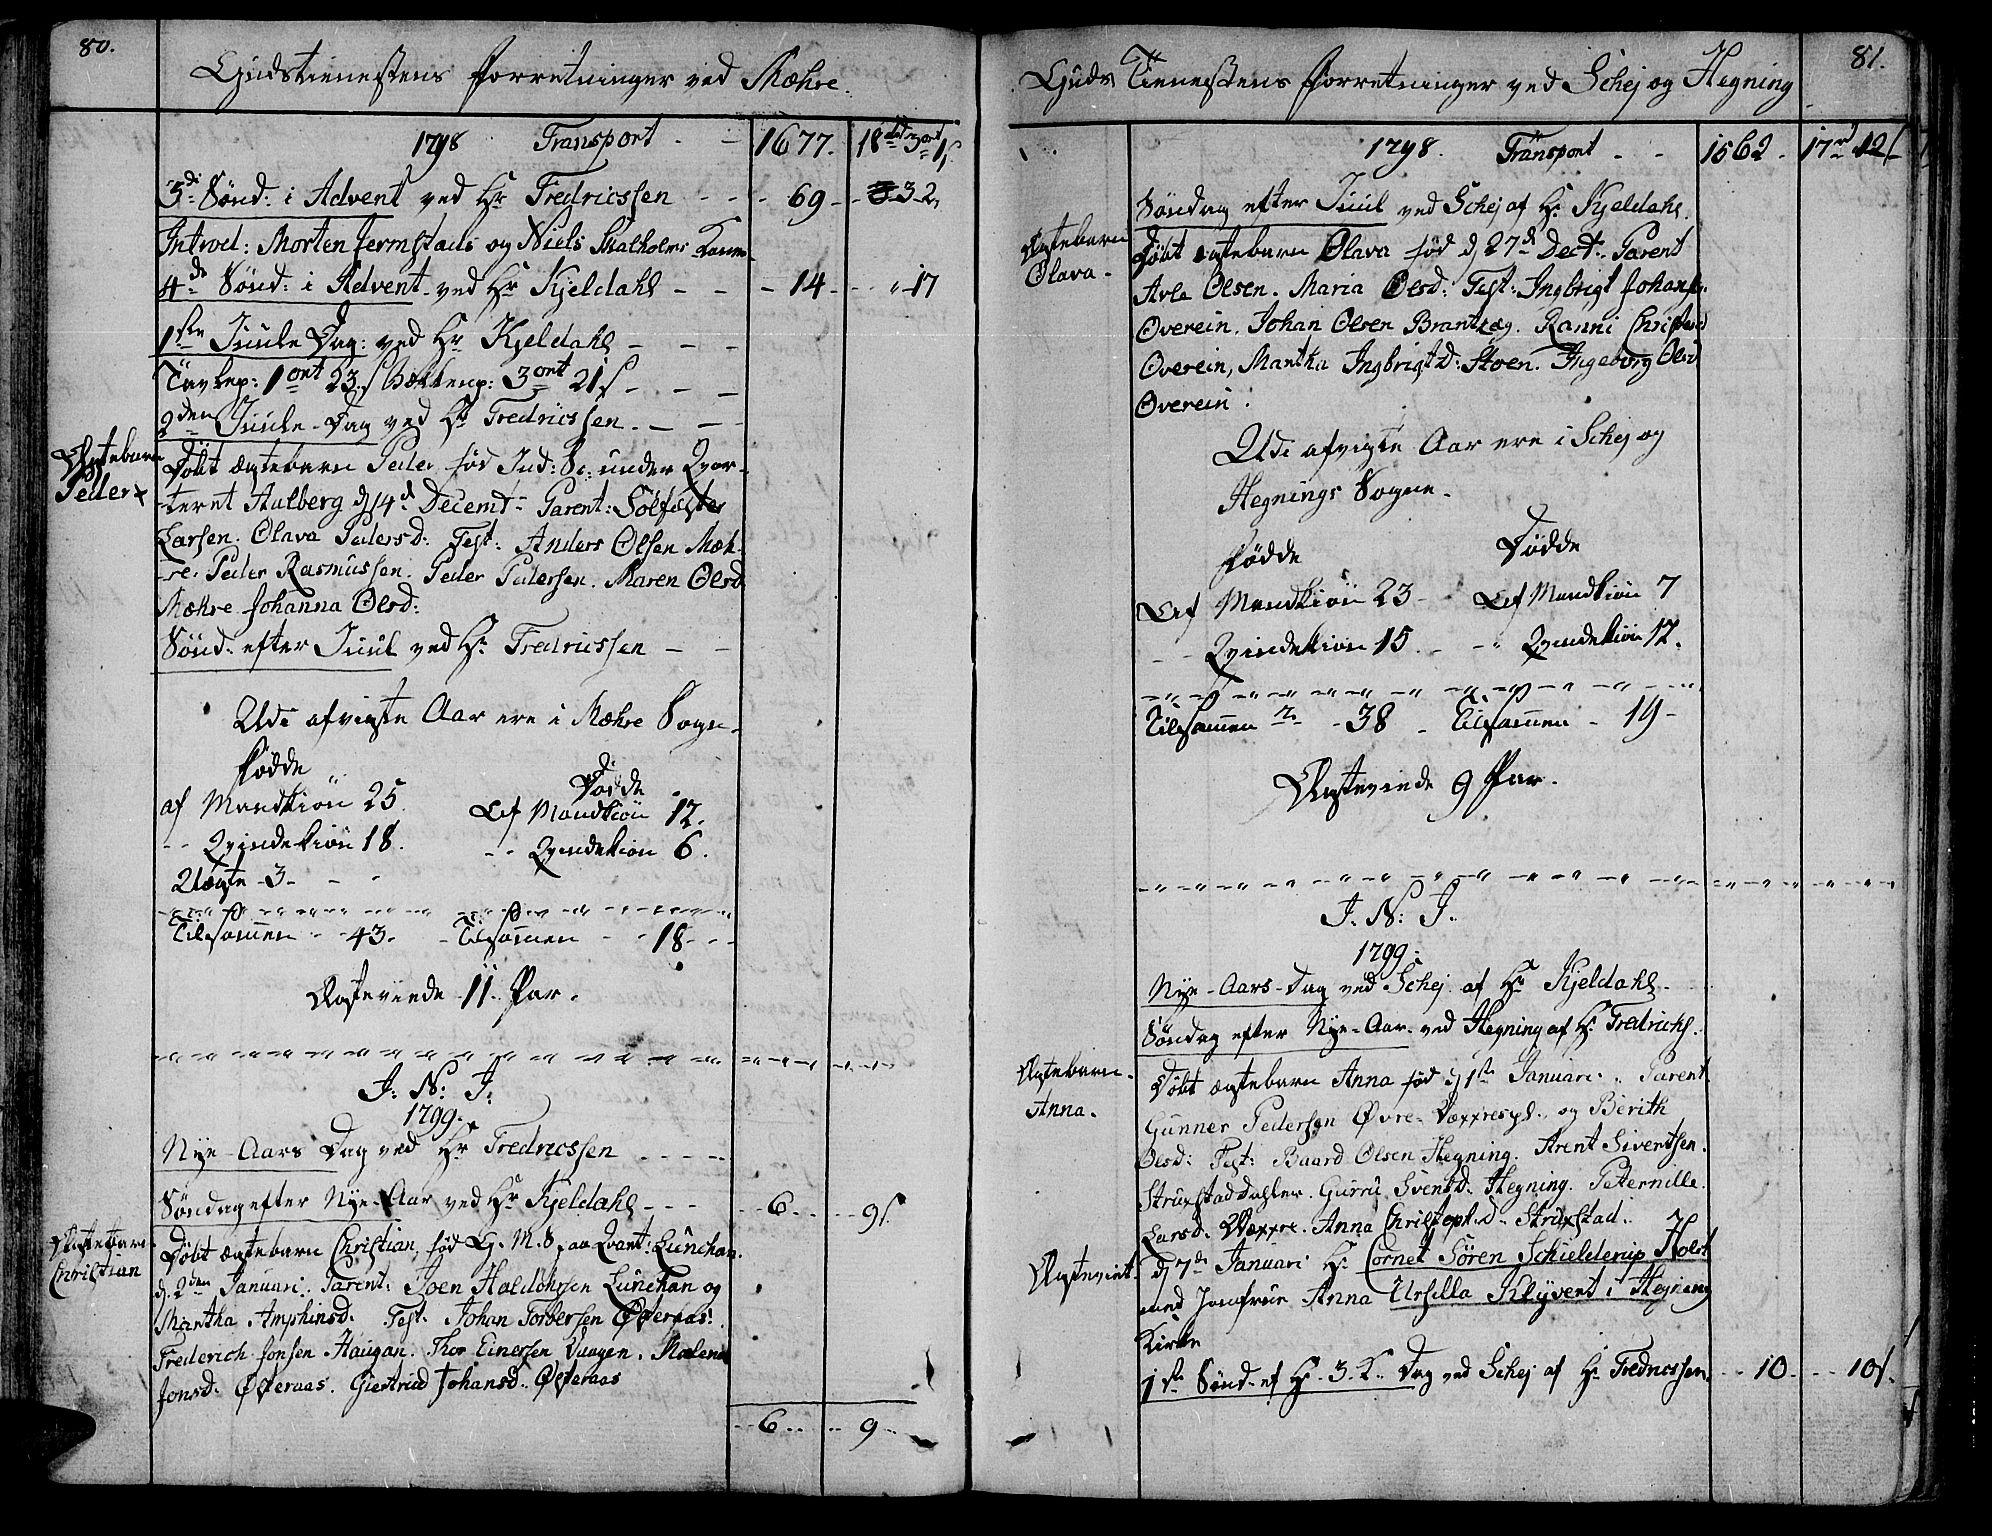 SAT, Ministerialprotokoller, klokkerbøker og fødselsregistre - Nord-Trøndelag, 735/L0332: Ministerialbok nr. 735A03, 1795-1816, s. 80-81